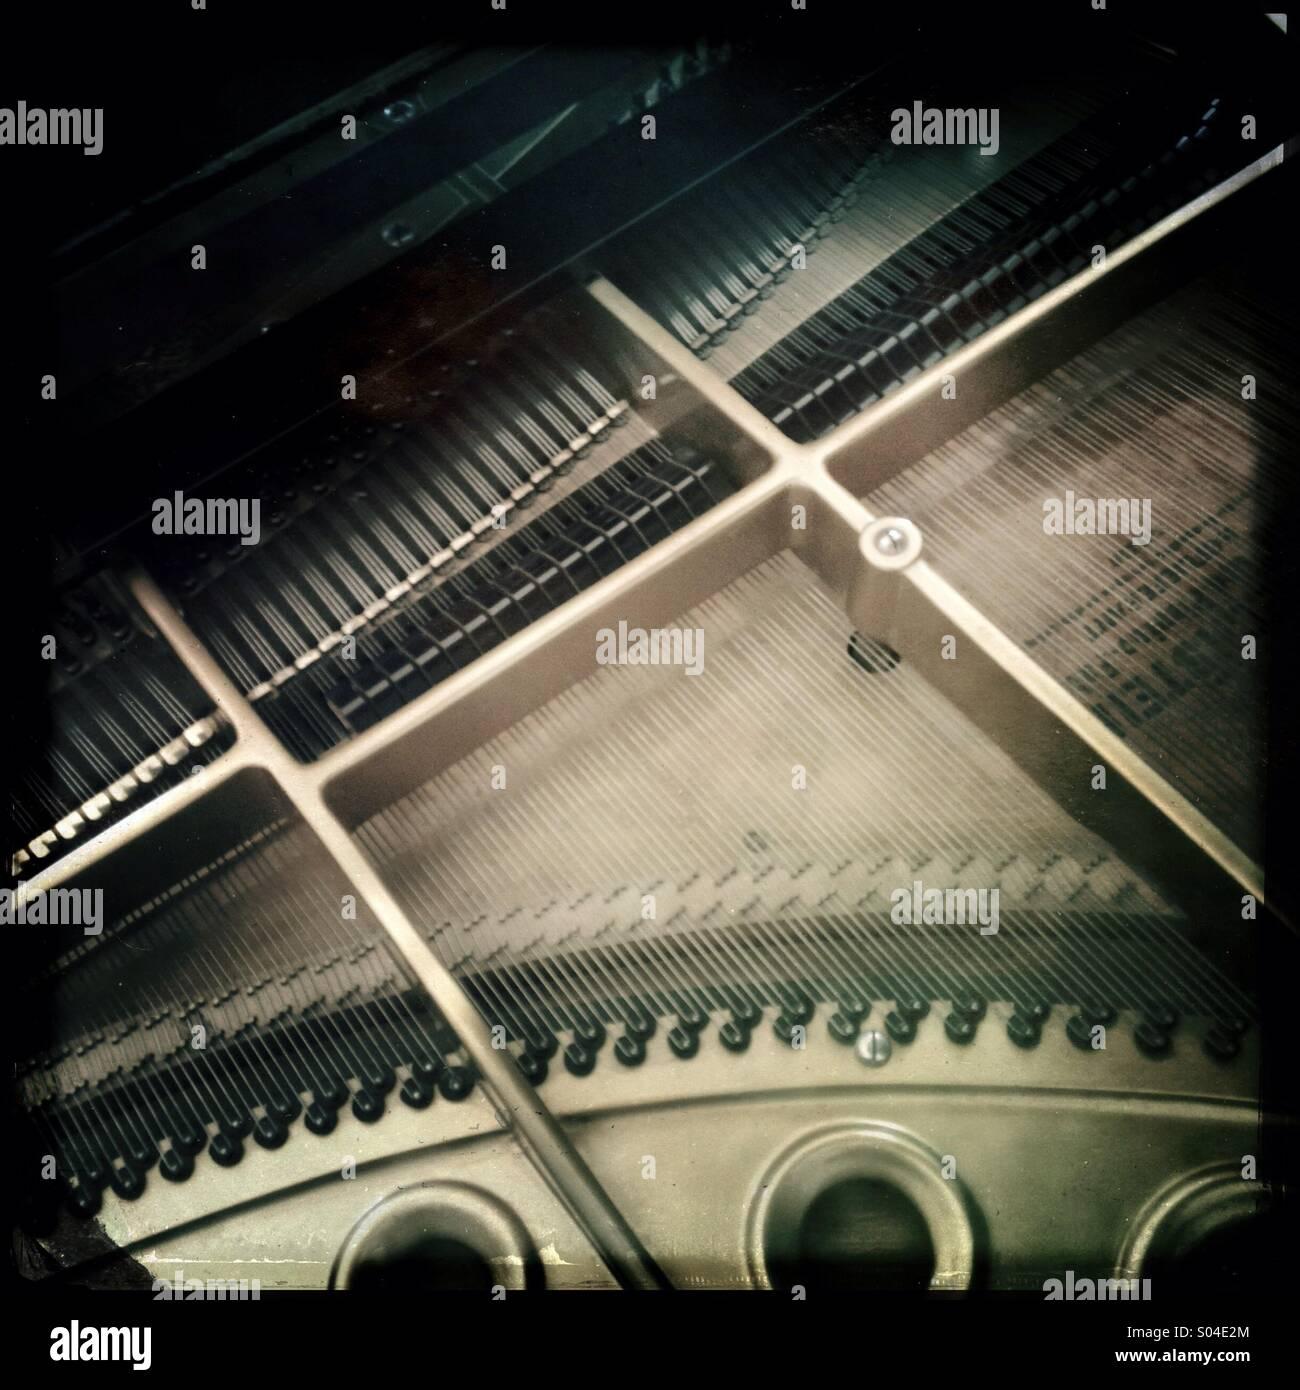 Klavier-detail Stockbild